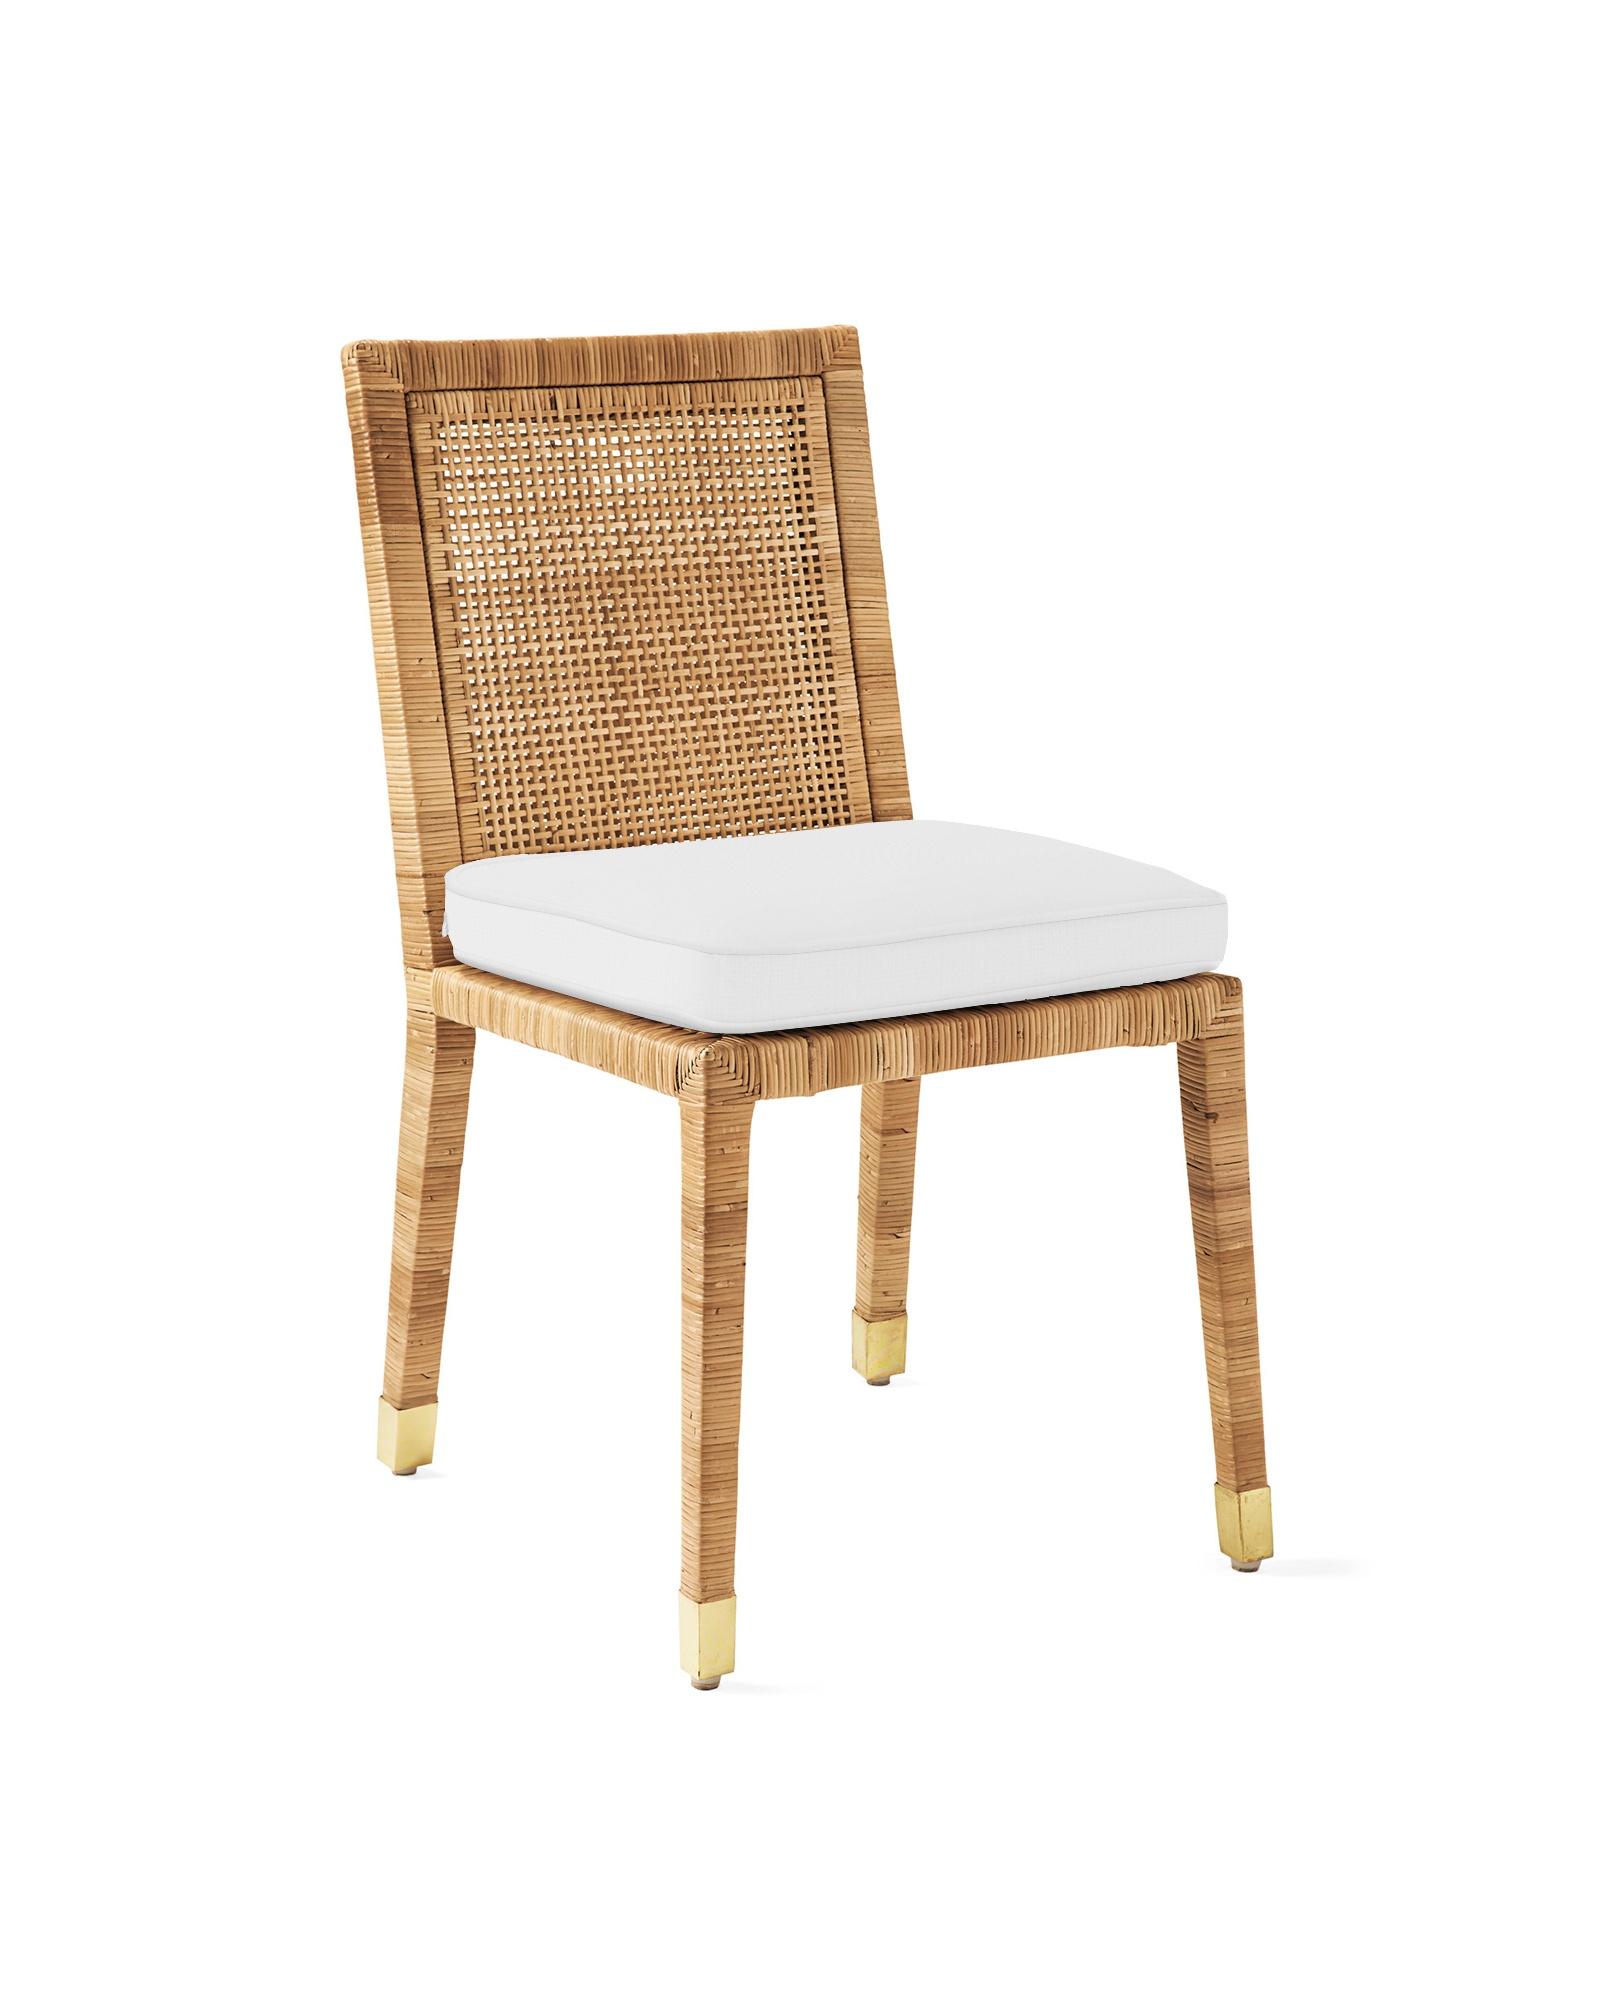 Balboa Side Chair Natural Serena Lily